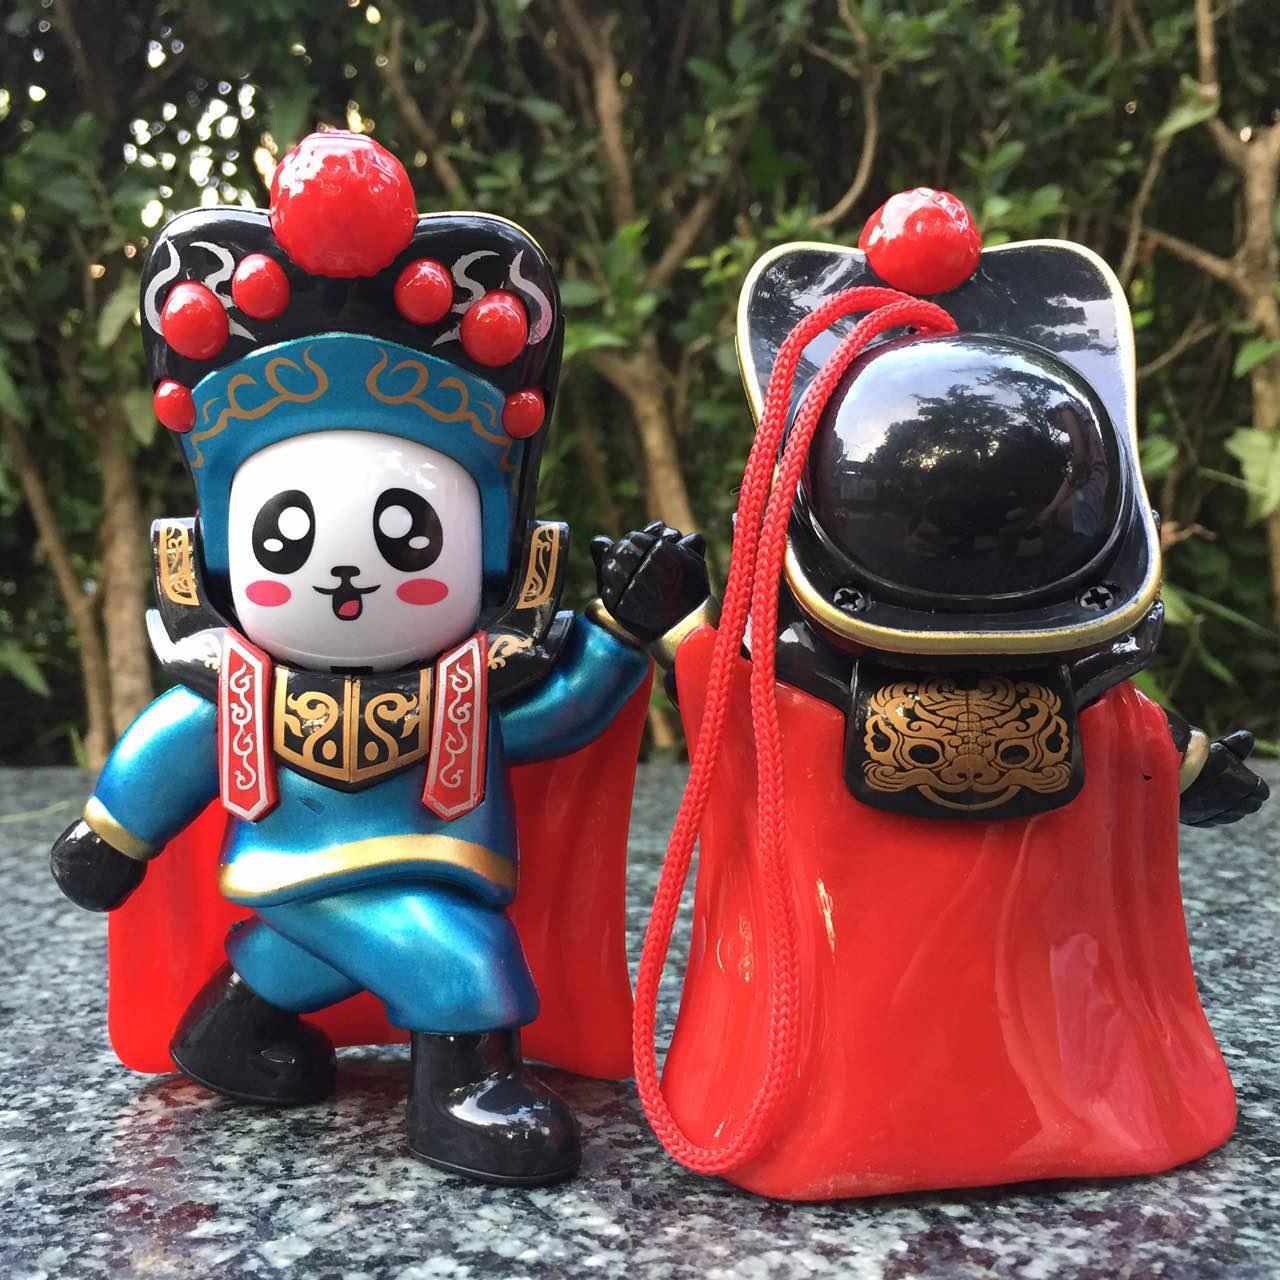 Новый росток сокровище река драма facebook изменение лицо кукла три страны кукла куклы украшение провинция сычуань чэнду творческий декомпрессия игрушка